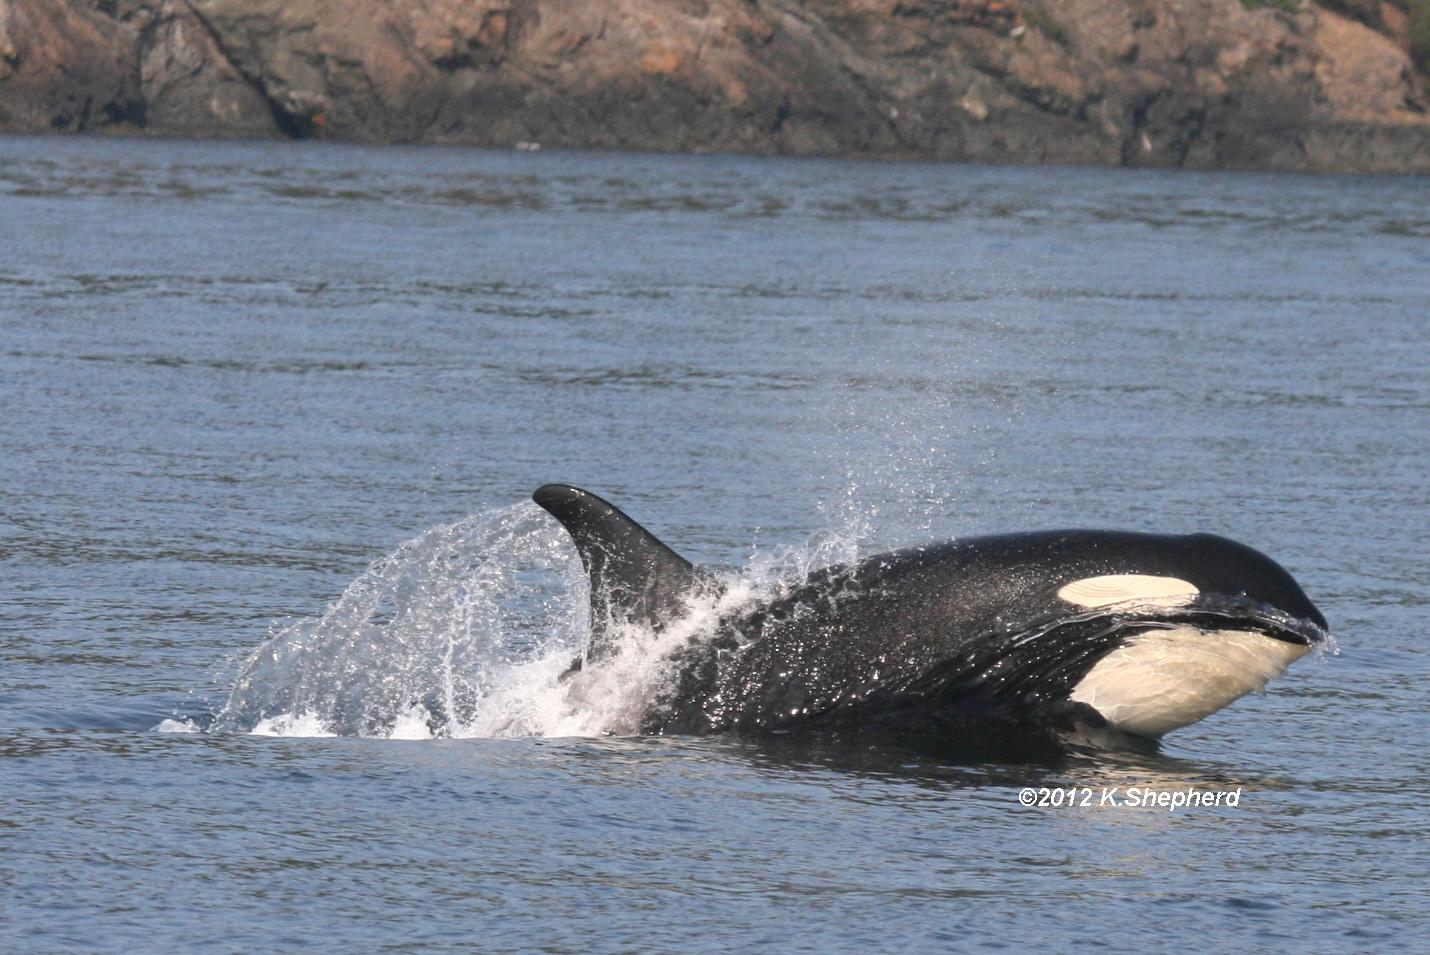 Female mid porpoise, clear shot, right side.jpg